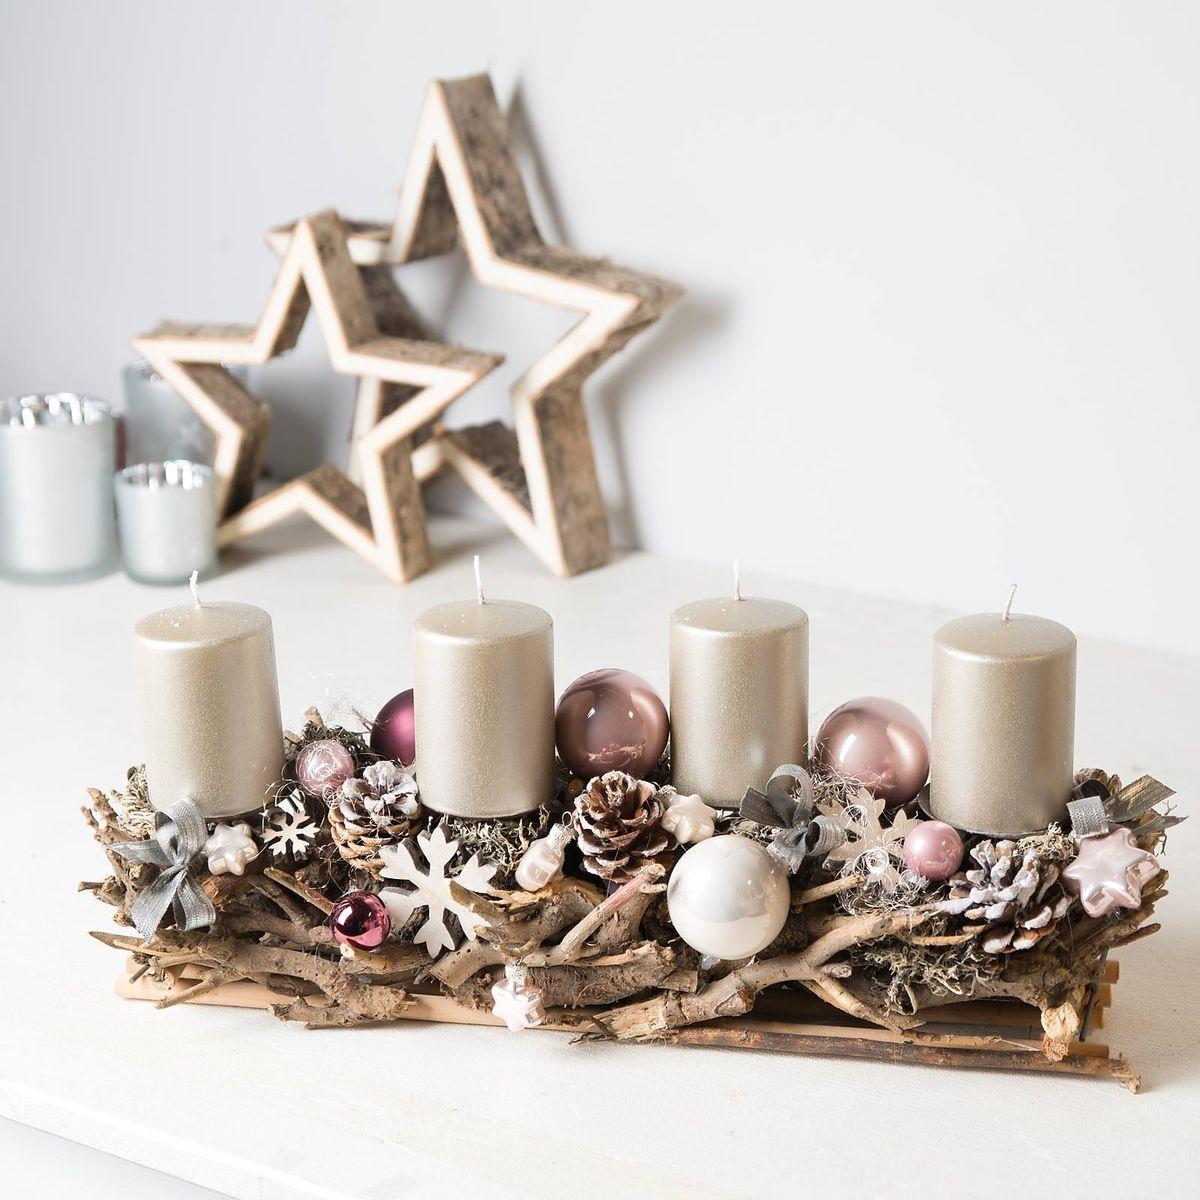 depot weihnachten adventskranz beliebter weihnachtsblog. Black Bedroom Furniture Sets. Home Design Ideas